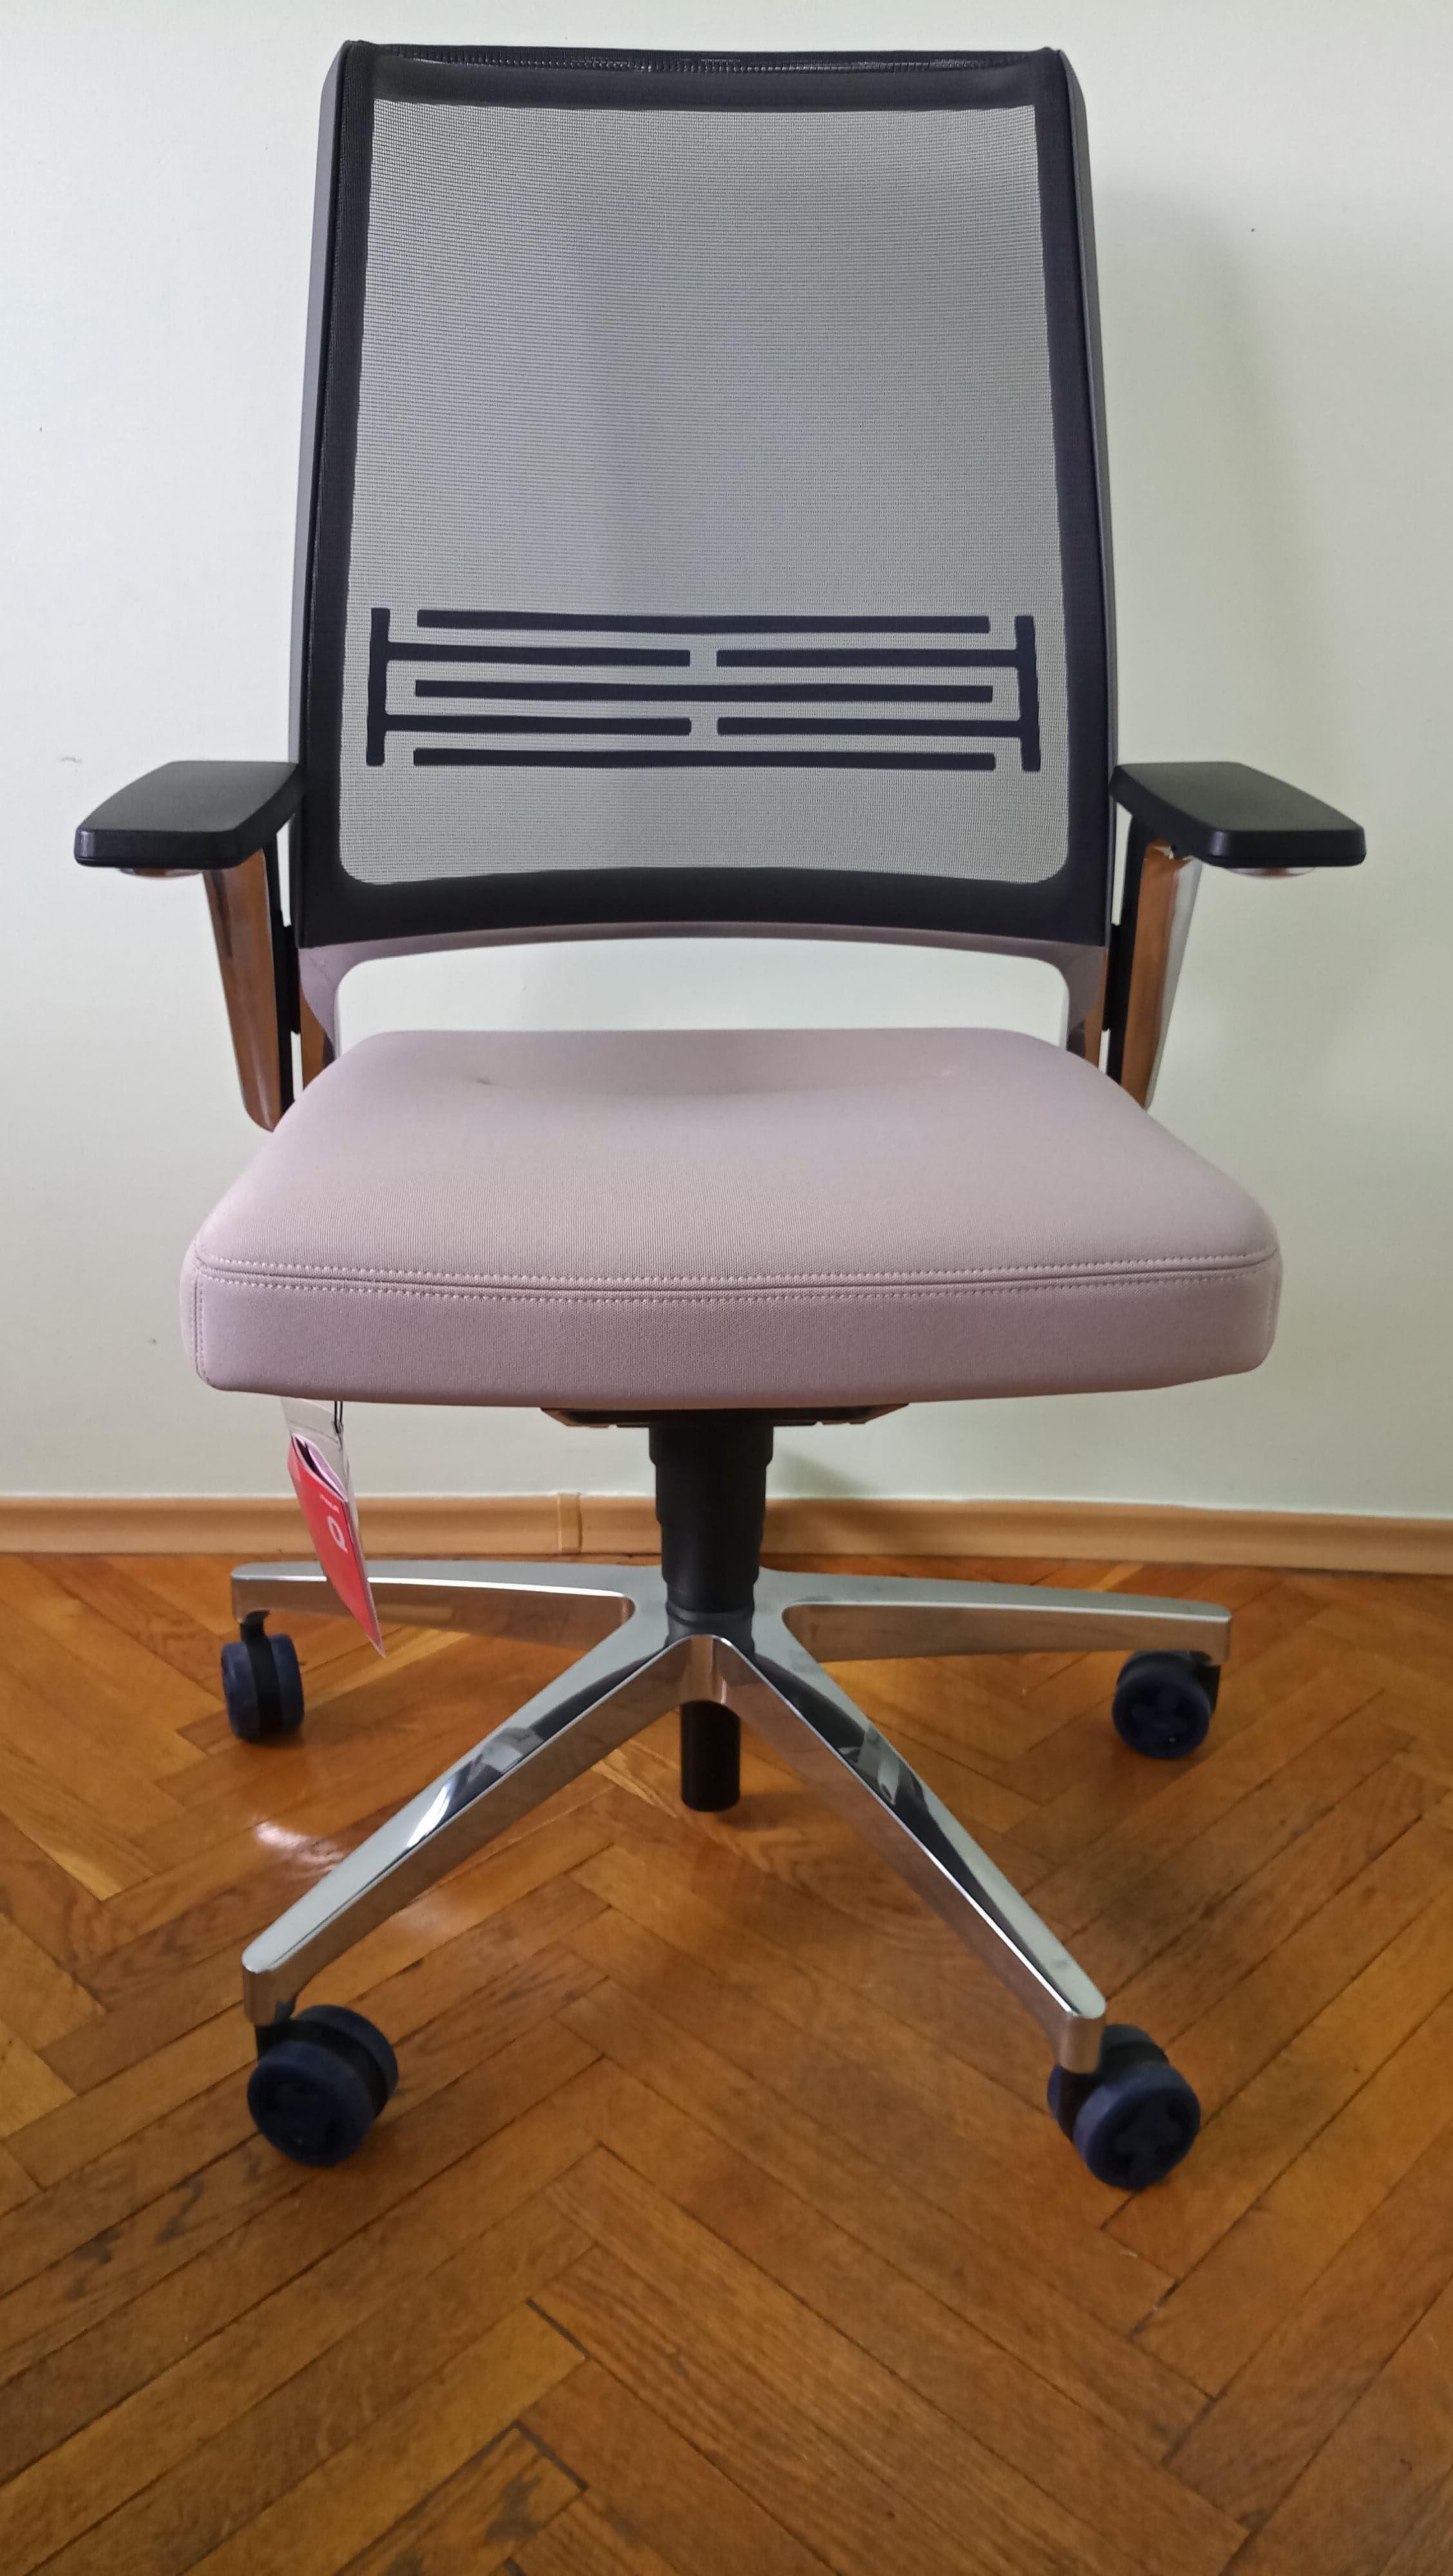 Офисное кресло с сетчатой спинкой VINTAGEis5 17V7 от Interstuhl. С регулировками наклона и глубины сиденья. Можно купить в Киеве. В наличии.